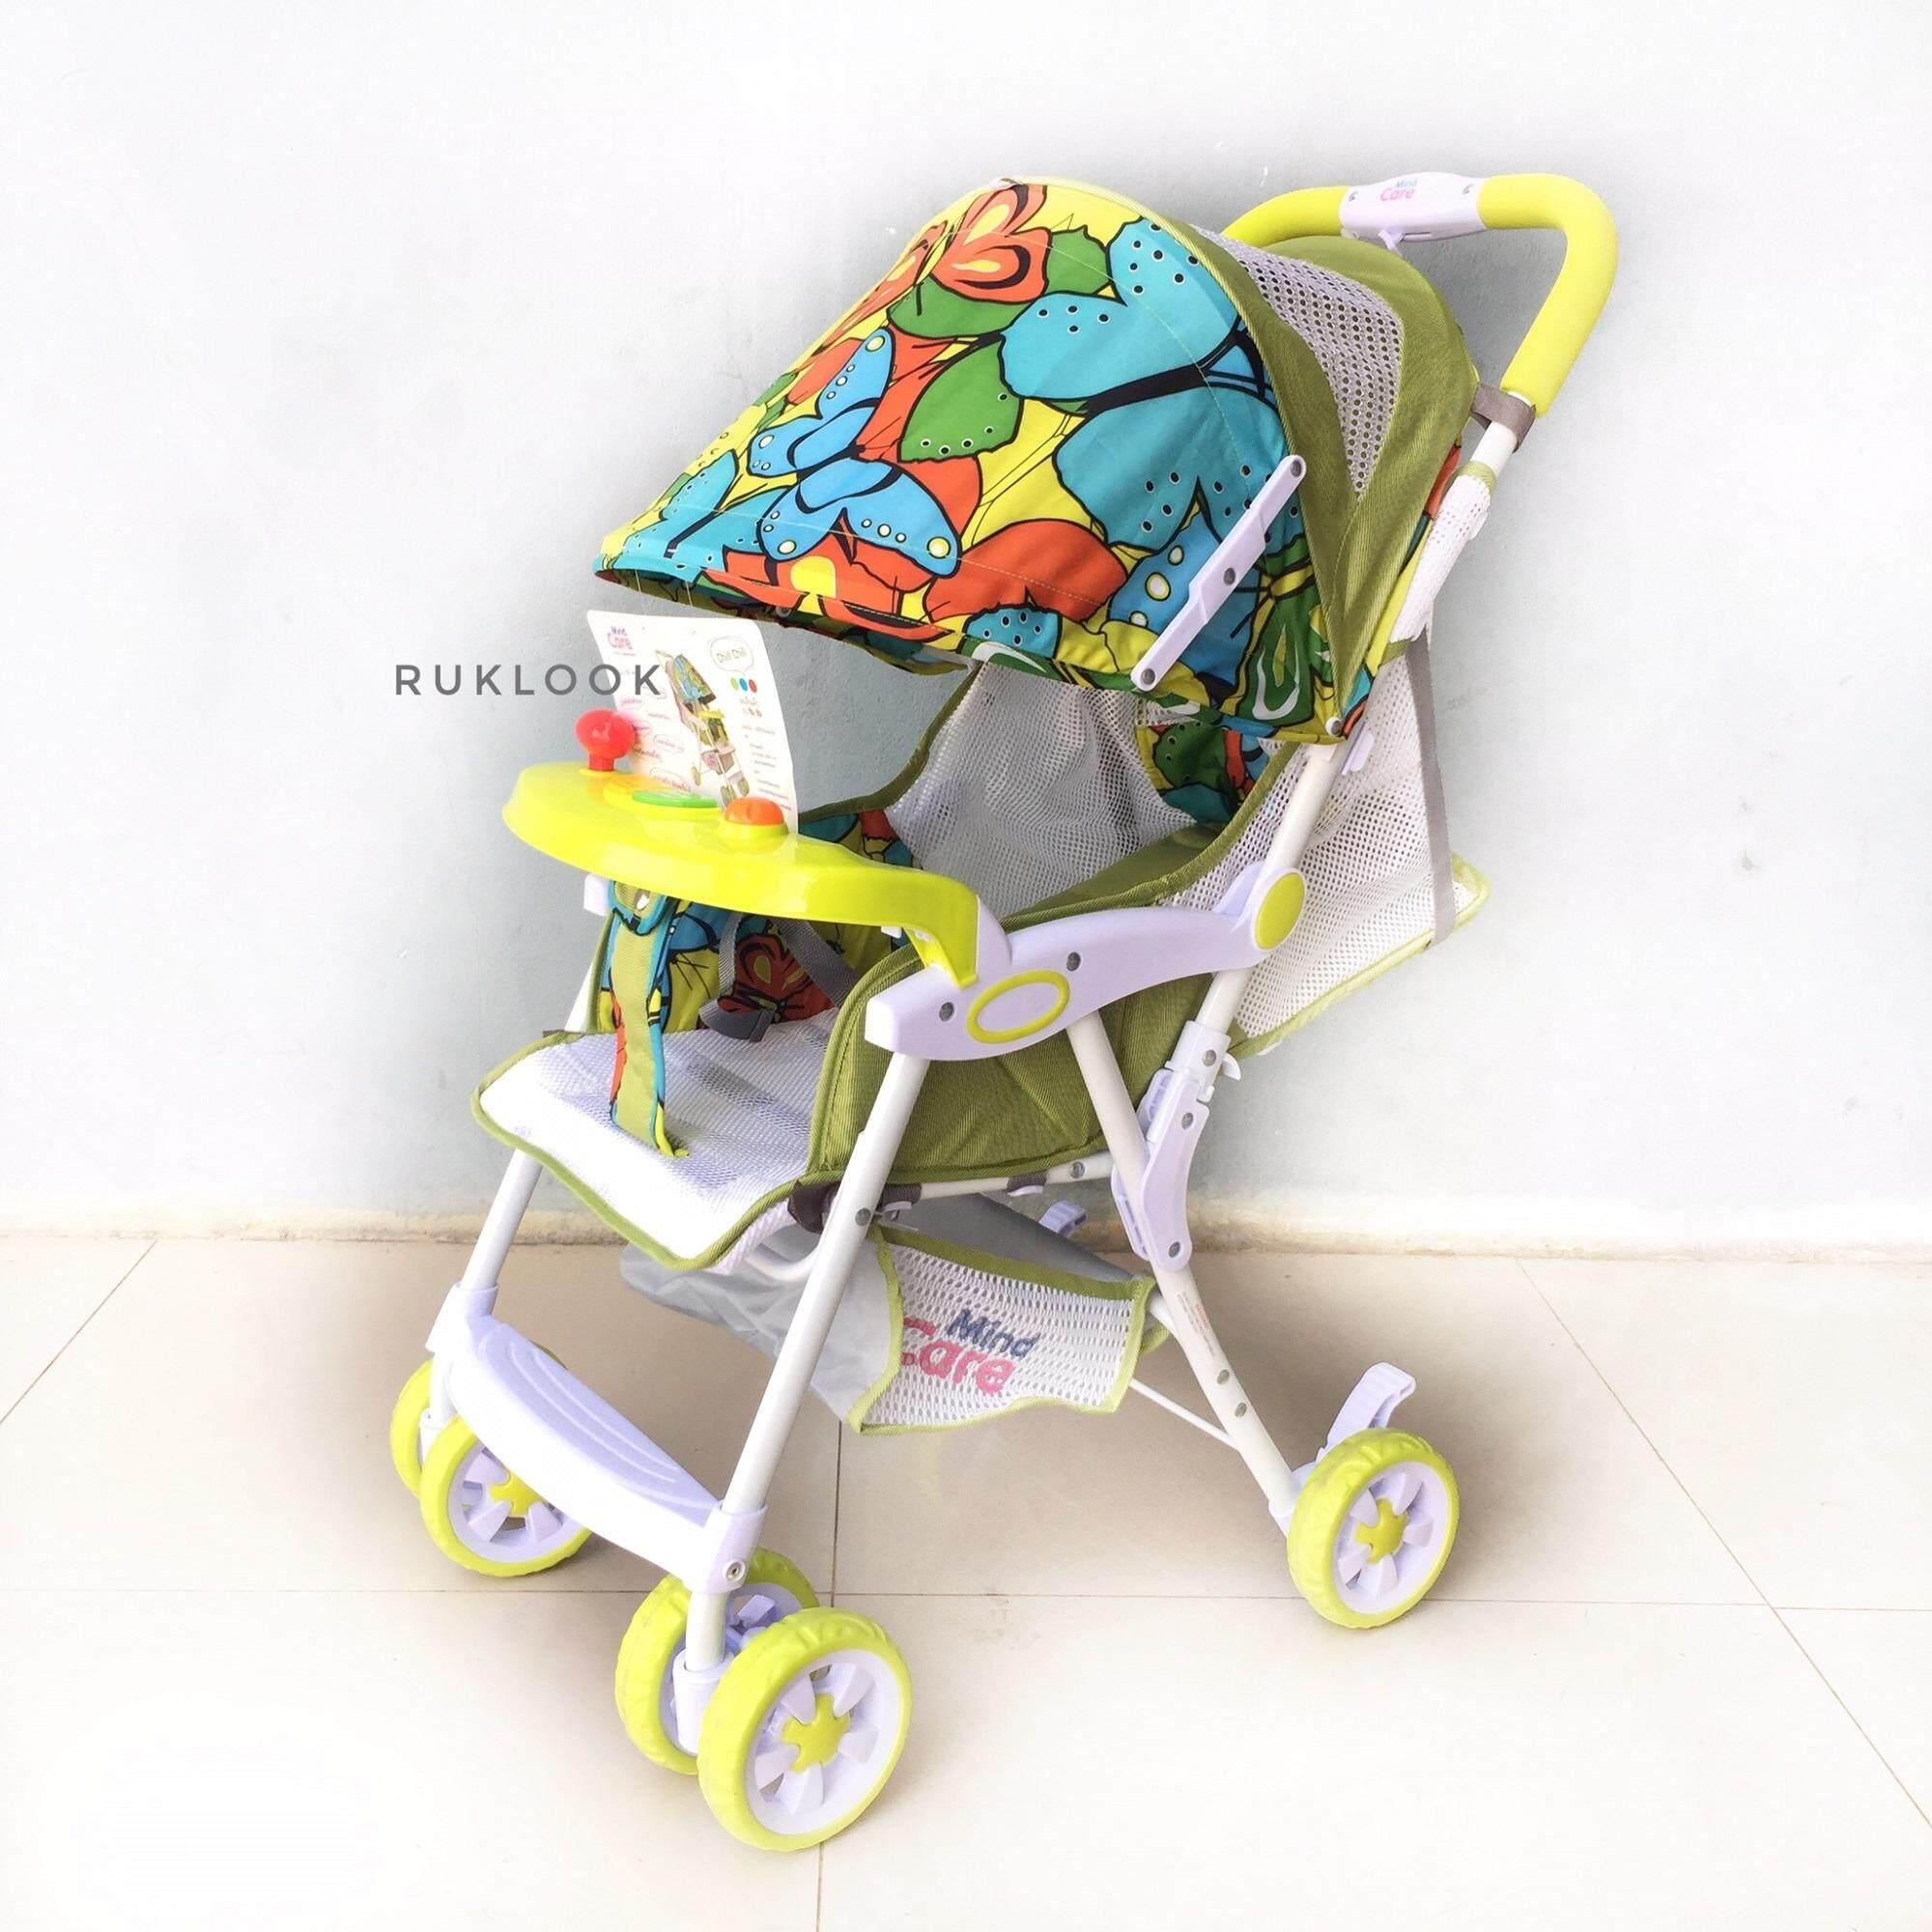 เช็คข้อมูล Unbranded/Generic รถเข็นเด็กแบบนอน รถเข็นเด็กพับได้ LS-602S Baby Stroller คันเล็ก รถเข็นเด็กเล็ก สีเทา ลดล้างสต๊อก